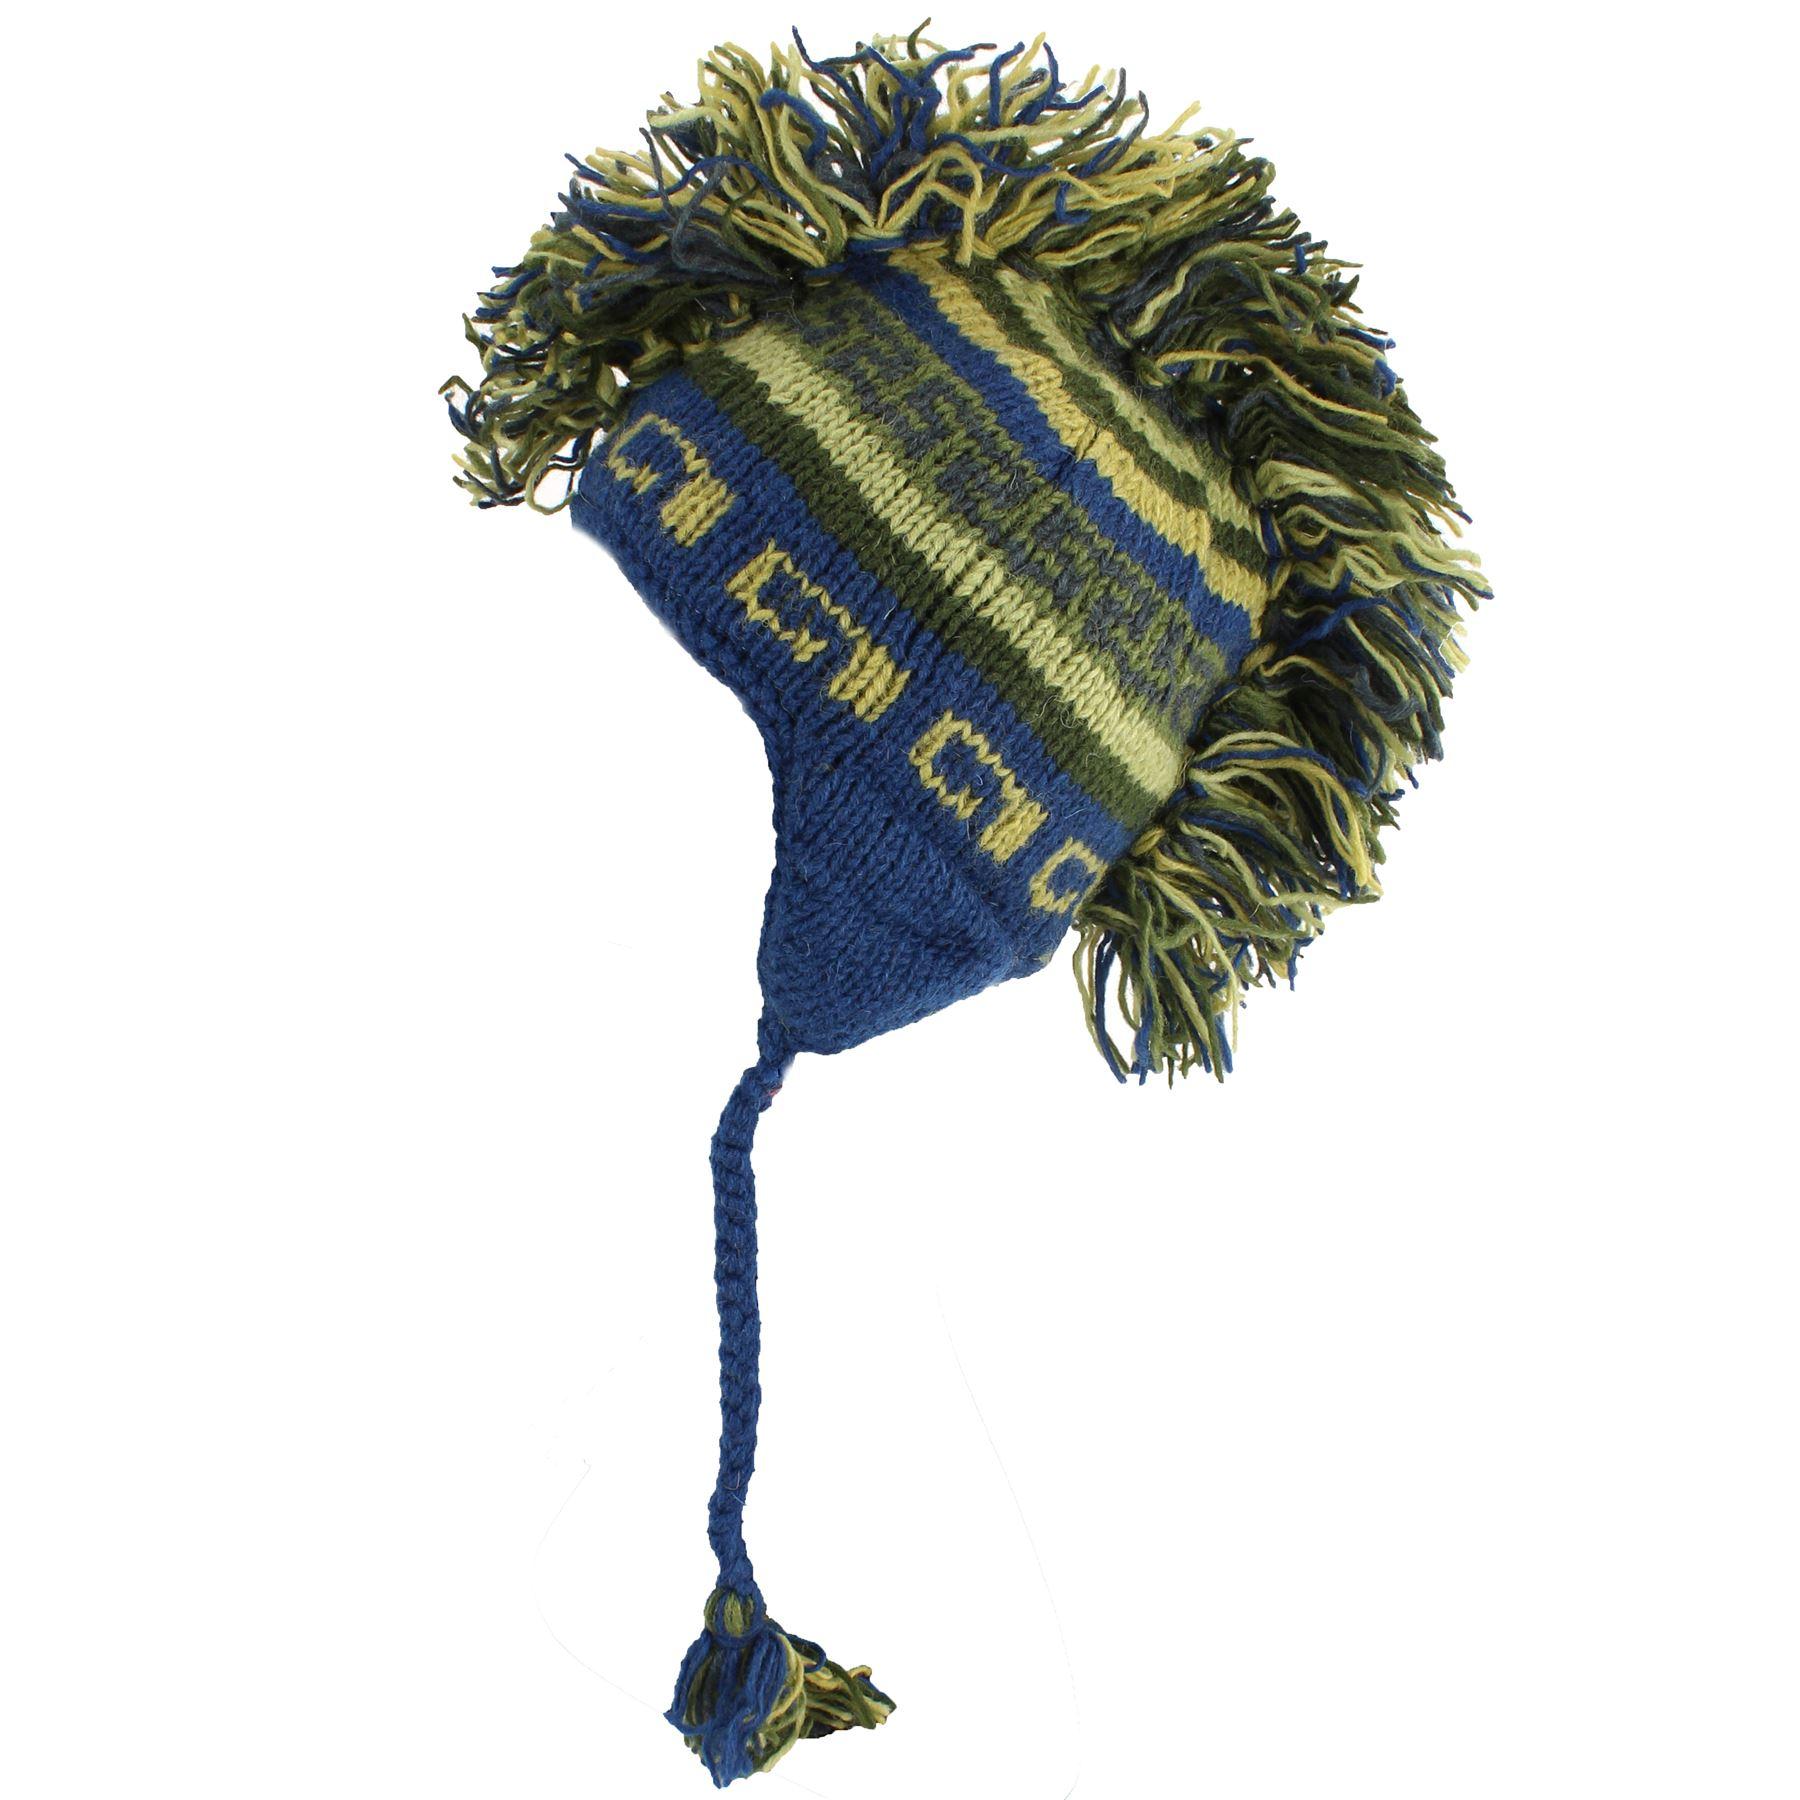 MOHAWK PUNK HAT WOOL HIPPIE FESTIVAL EARFLAP BEANIE FLEECE LINED BLUE /& GREEN